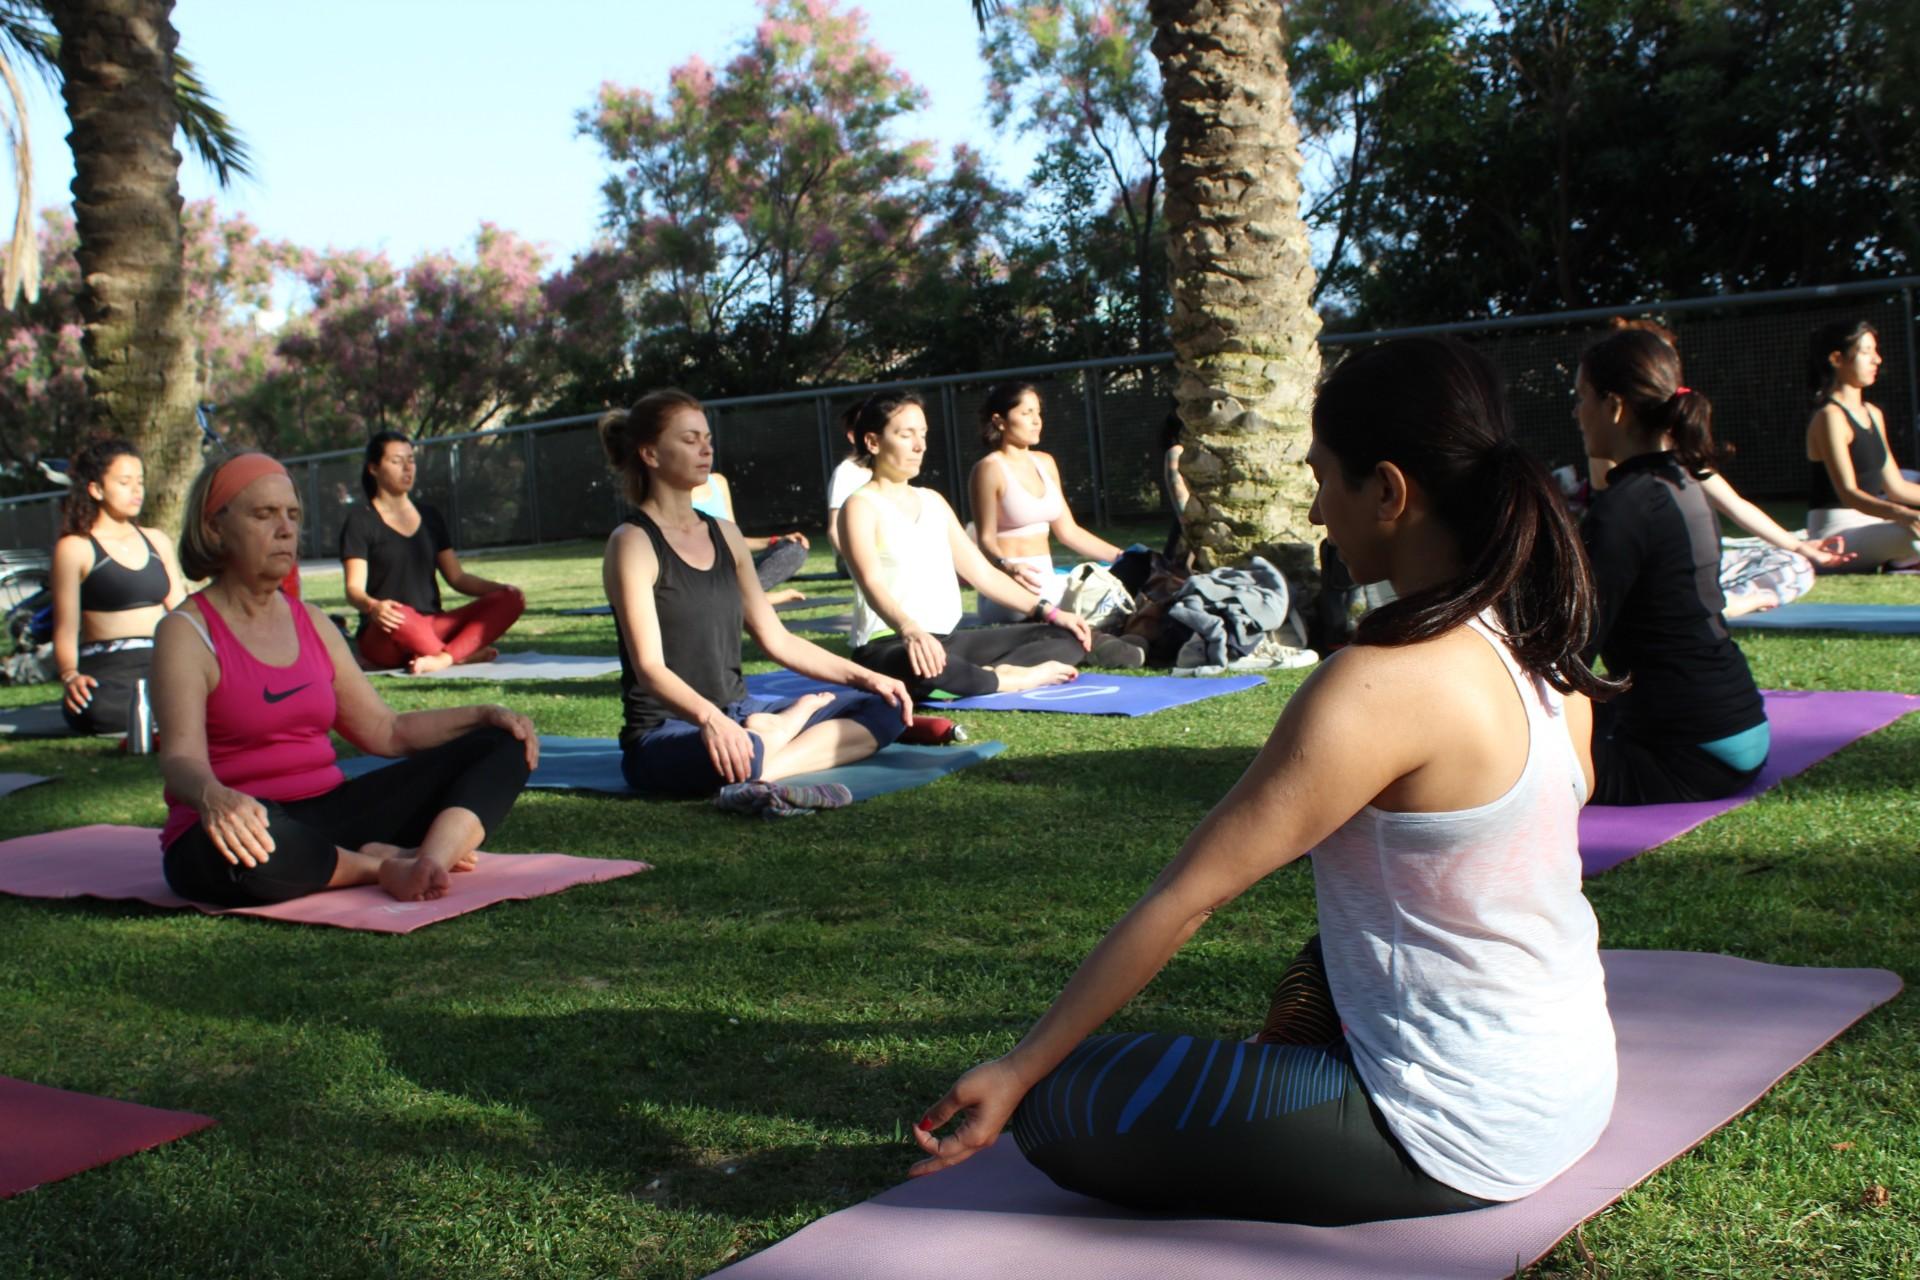 Aspectos claves para escoger una formación de yoga